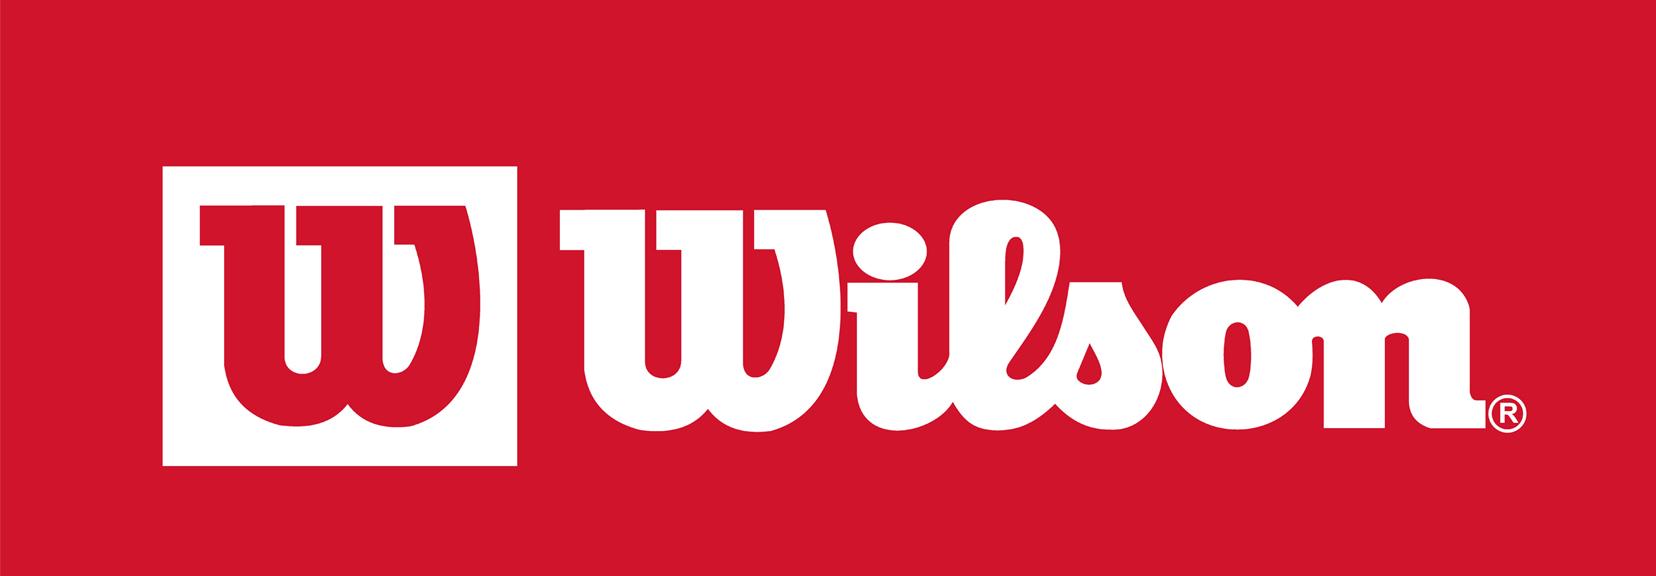 Wilson teniszütő akció